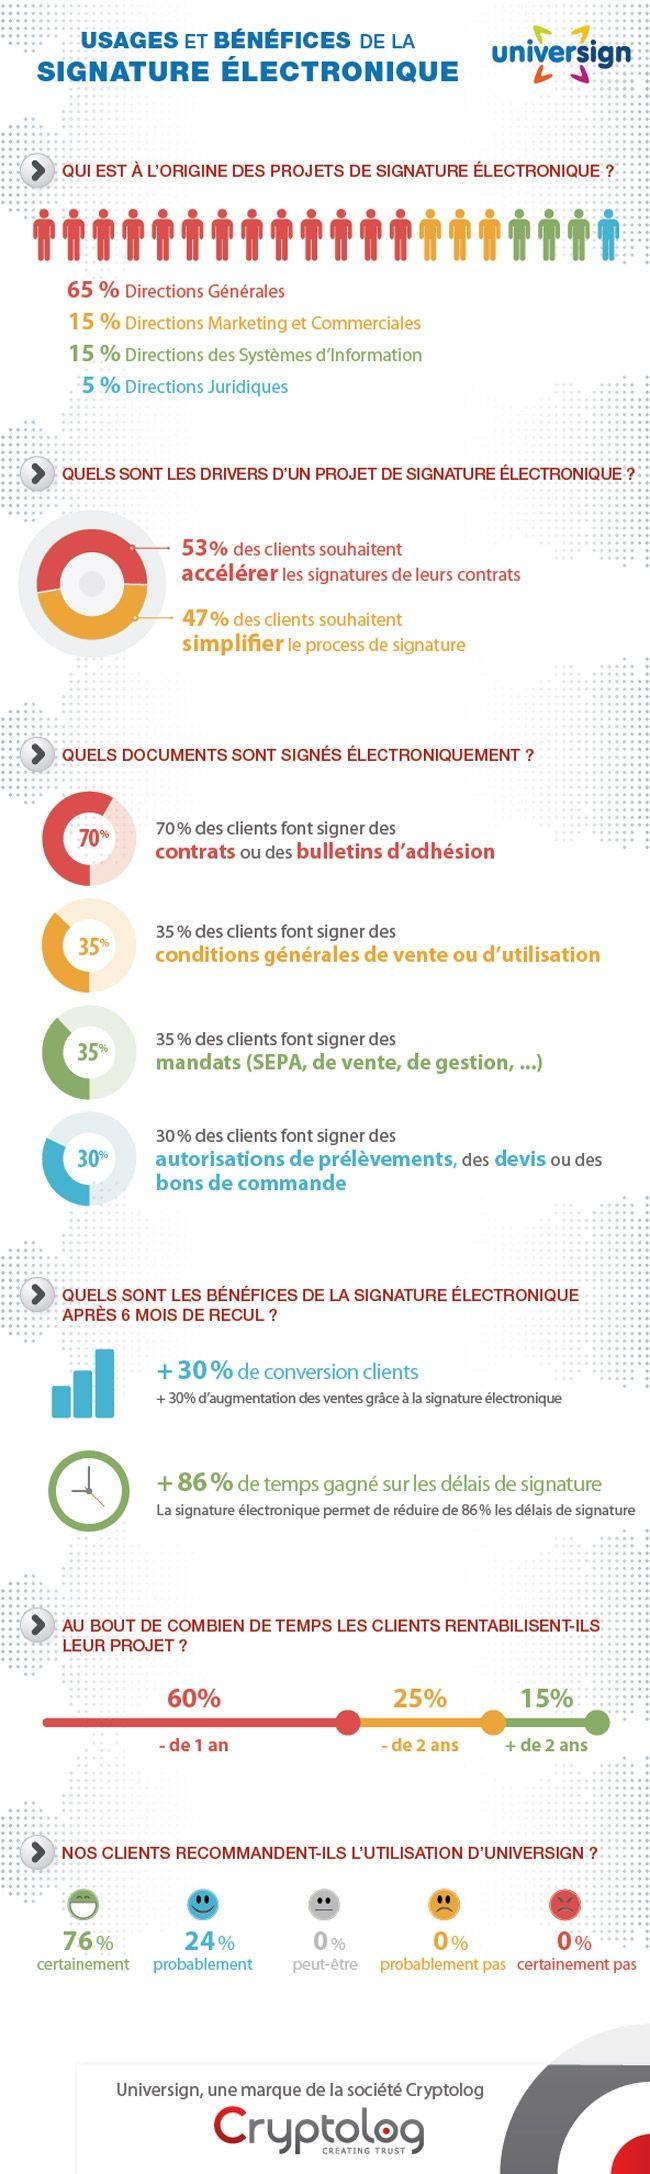 IT Management: Infographie Les usages et bénéfices de la signature électronique